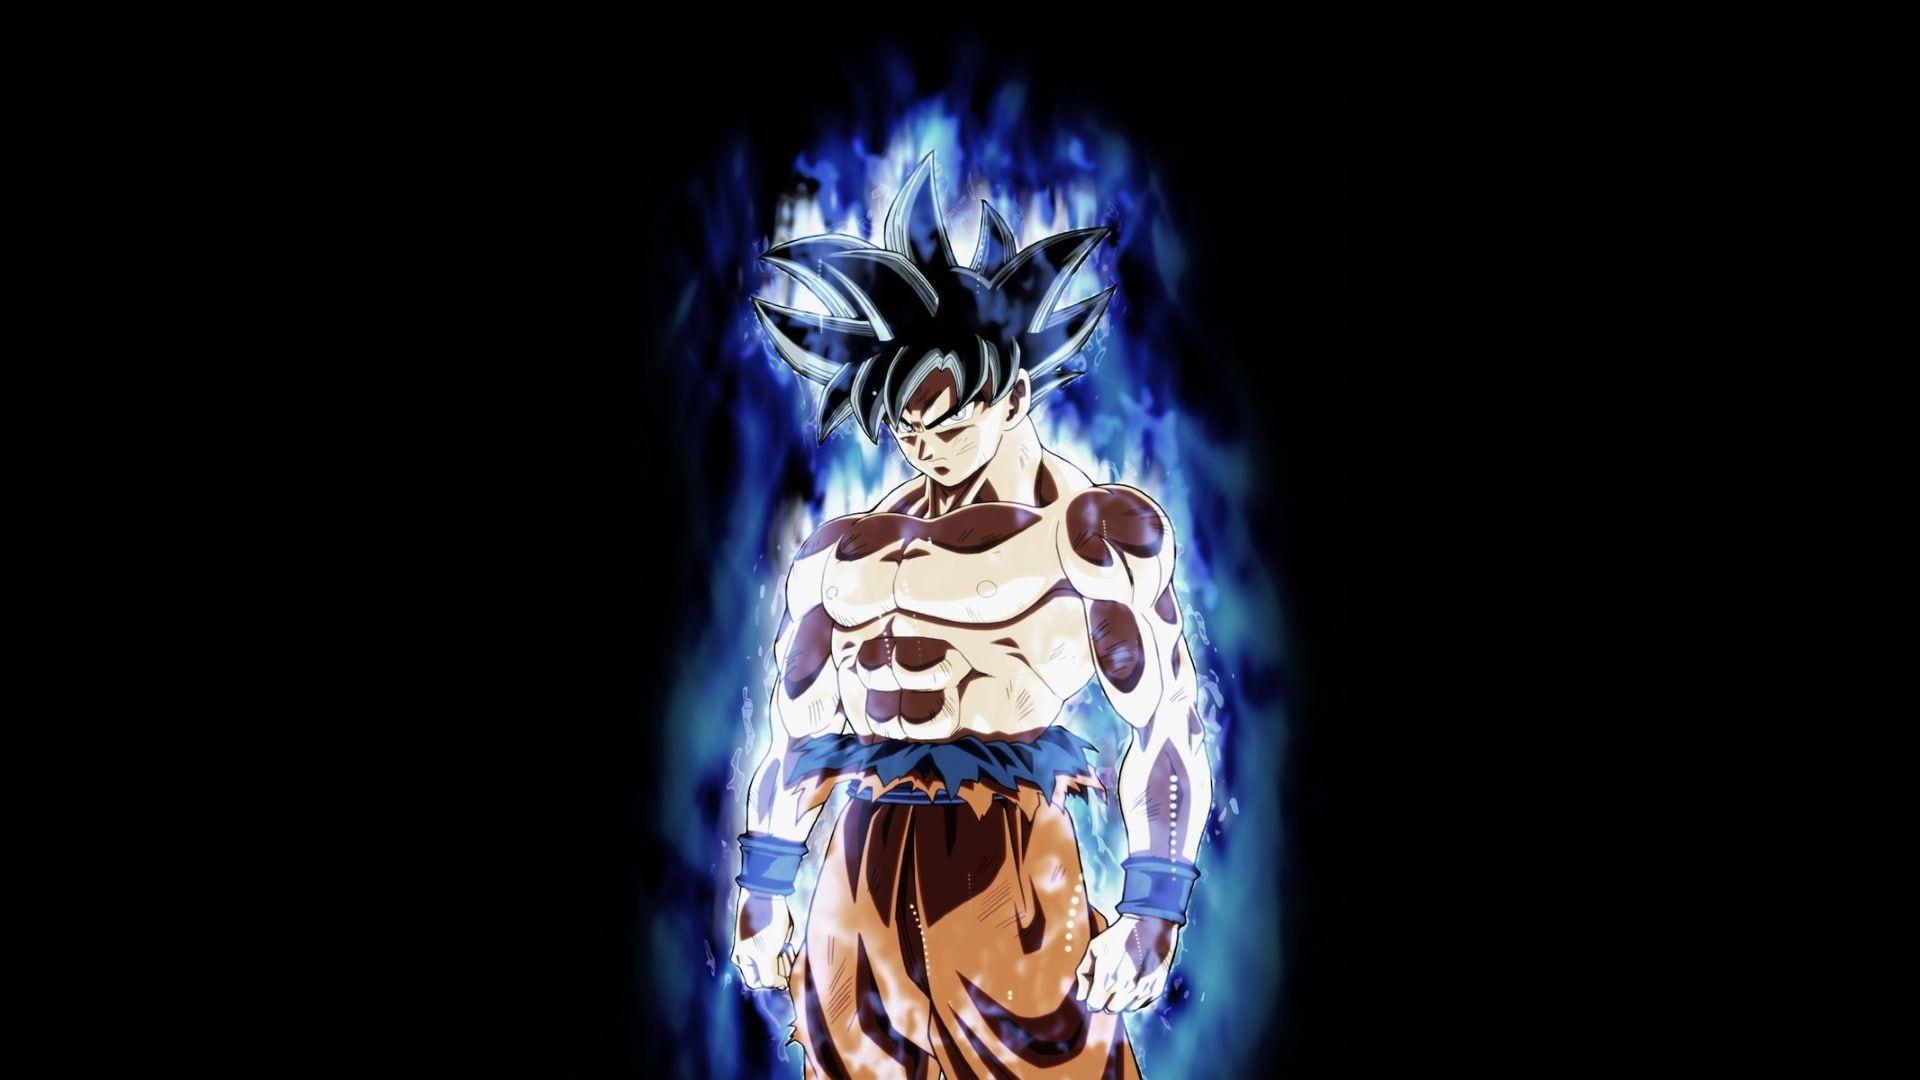 Son Goku Dragon Ball Dragon Ball Super Ultra Instinct Goku 1080p Wallpaper Hdwallpaper D Goku Wallpaper Dragon Ball Wallpapers Dragon Ball Super Wallpapers